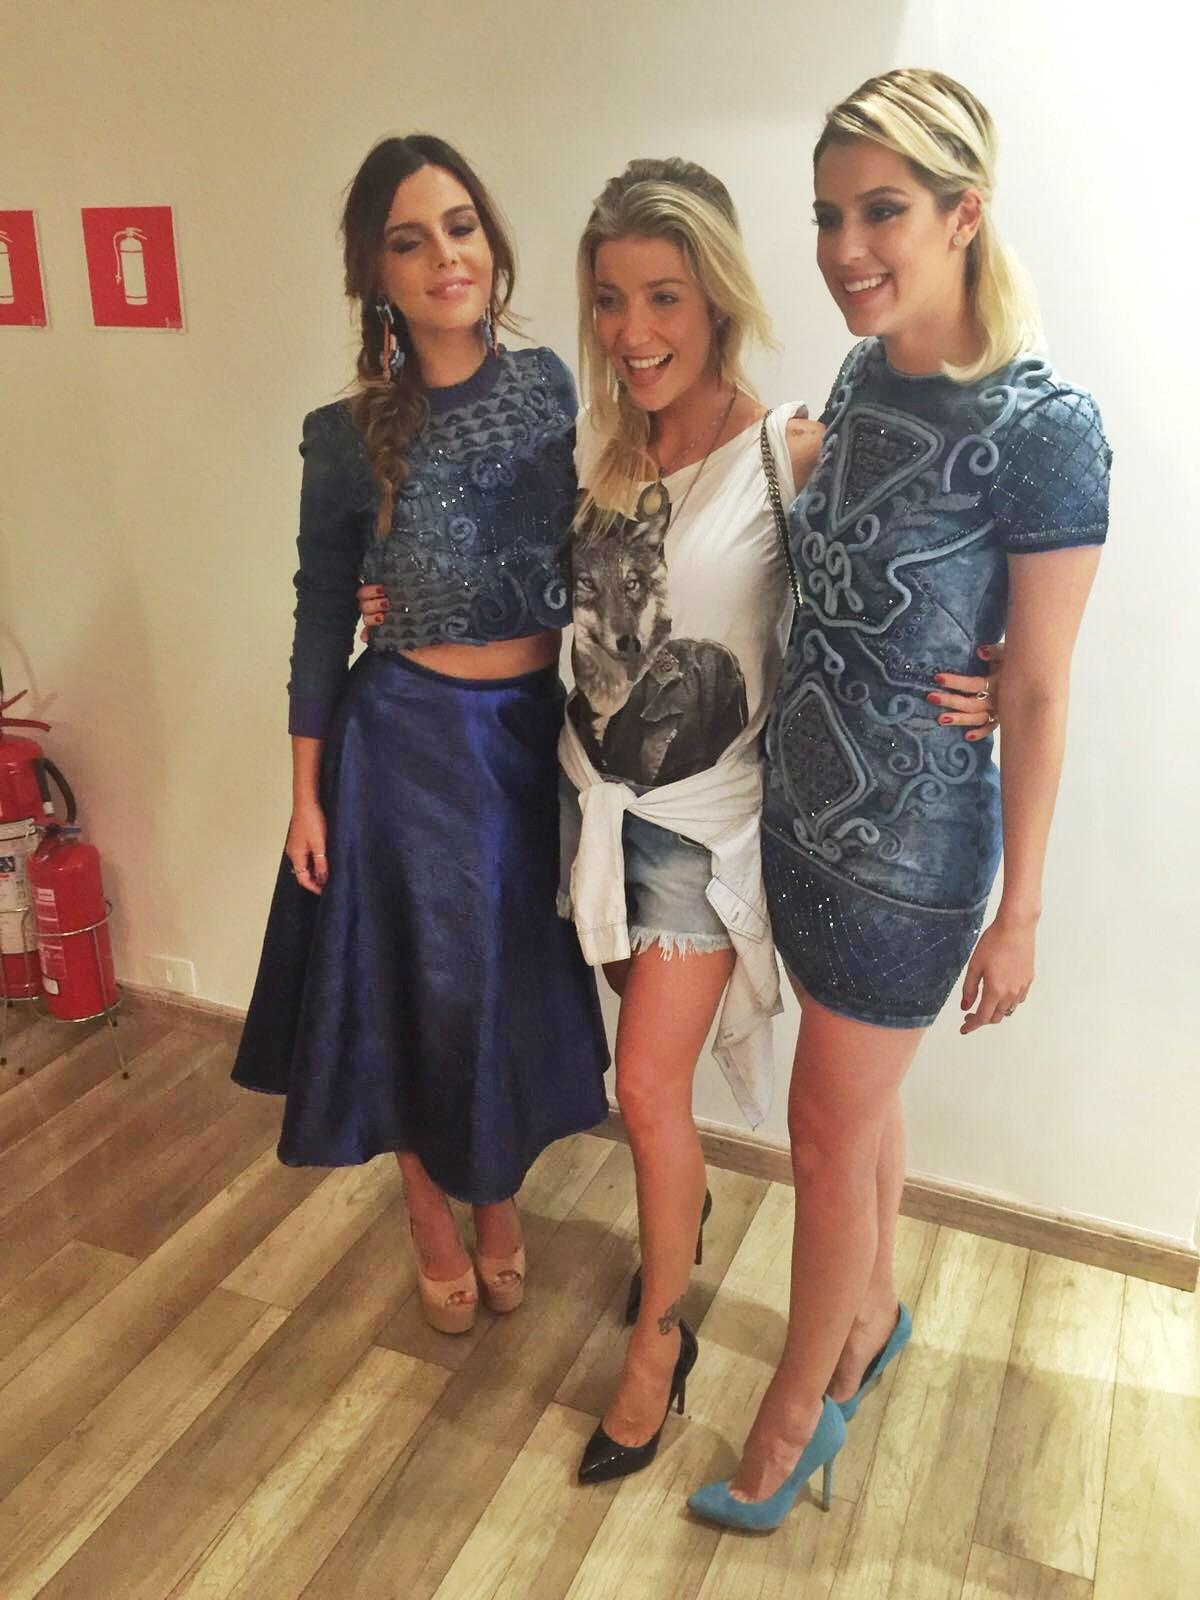 Giovanna Lancellotti, Luiza Possi e Sophia Abrahão marcaram presença em evento da Fabiana Milazzo nesta quinta-feira (25.02) em São Paulo (Foto: Vogue Brasil)